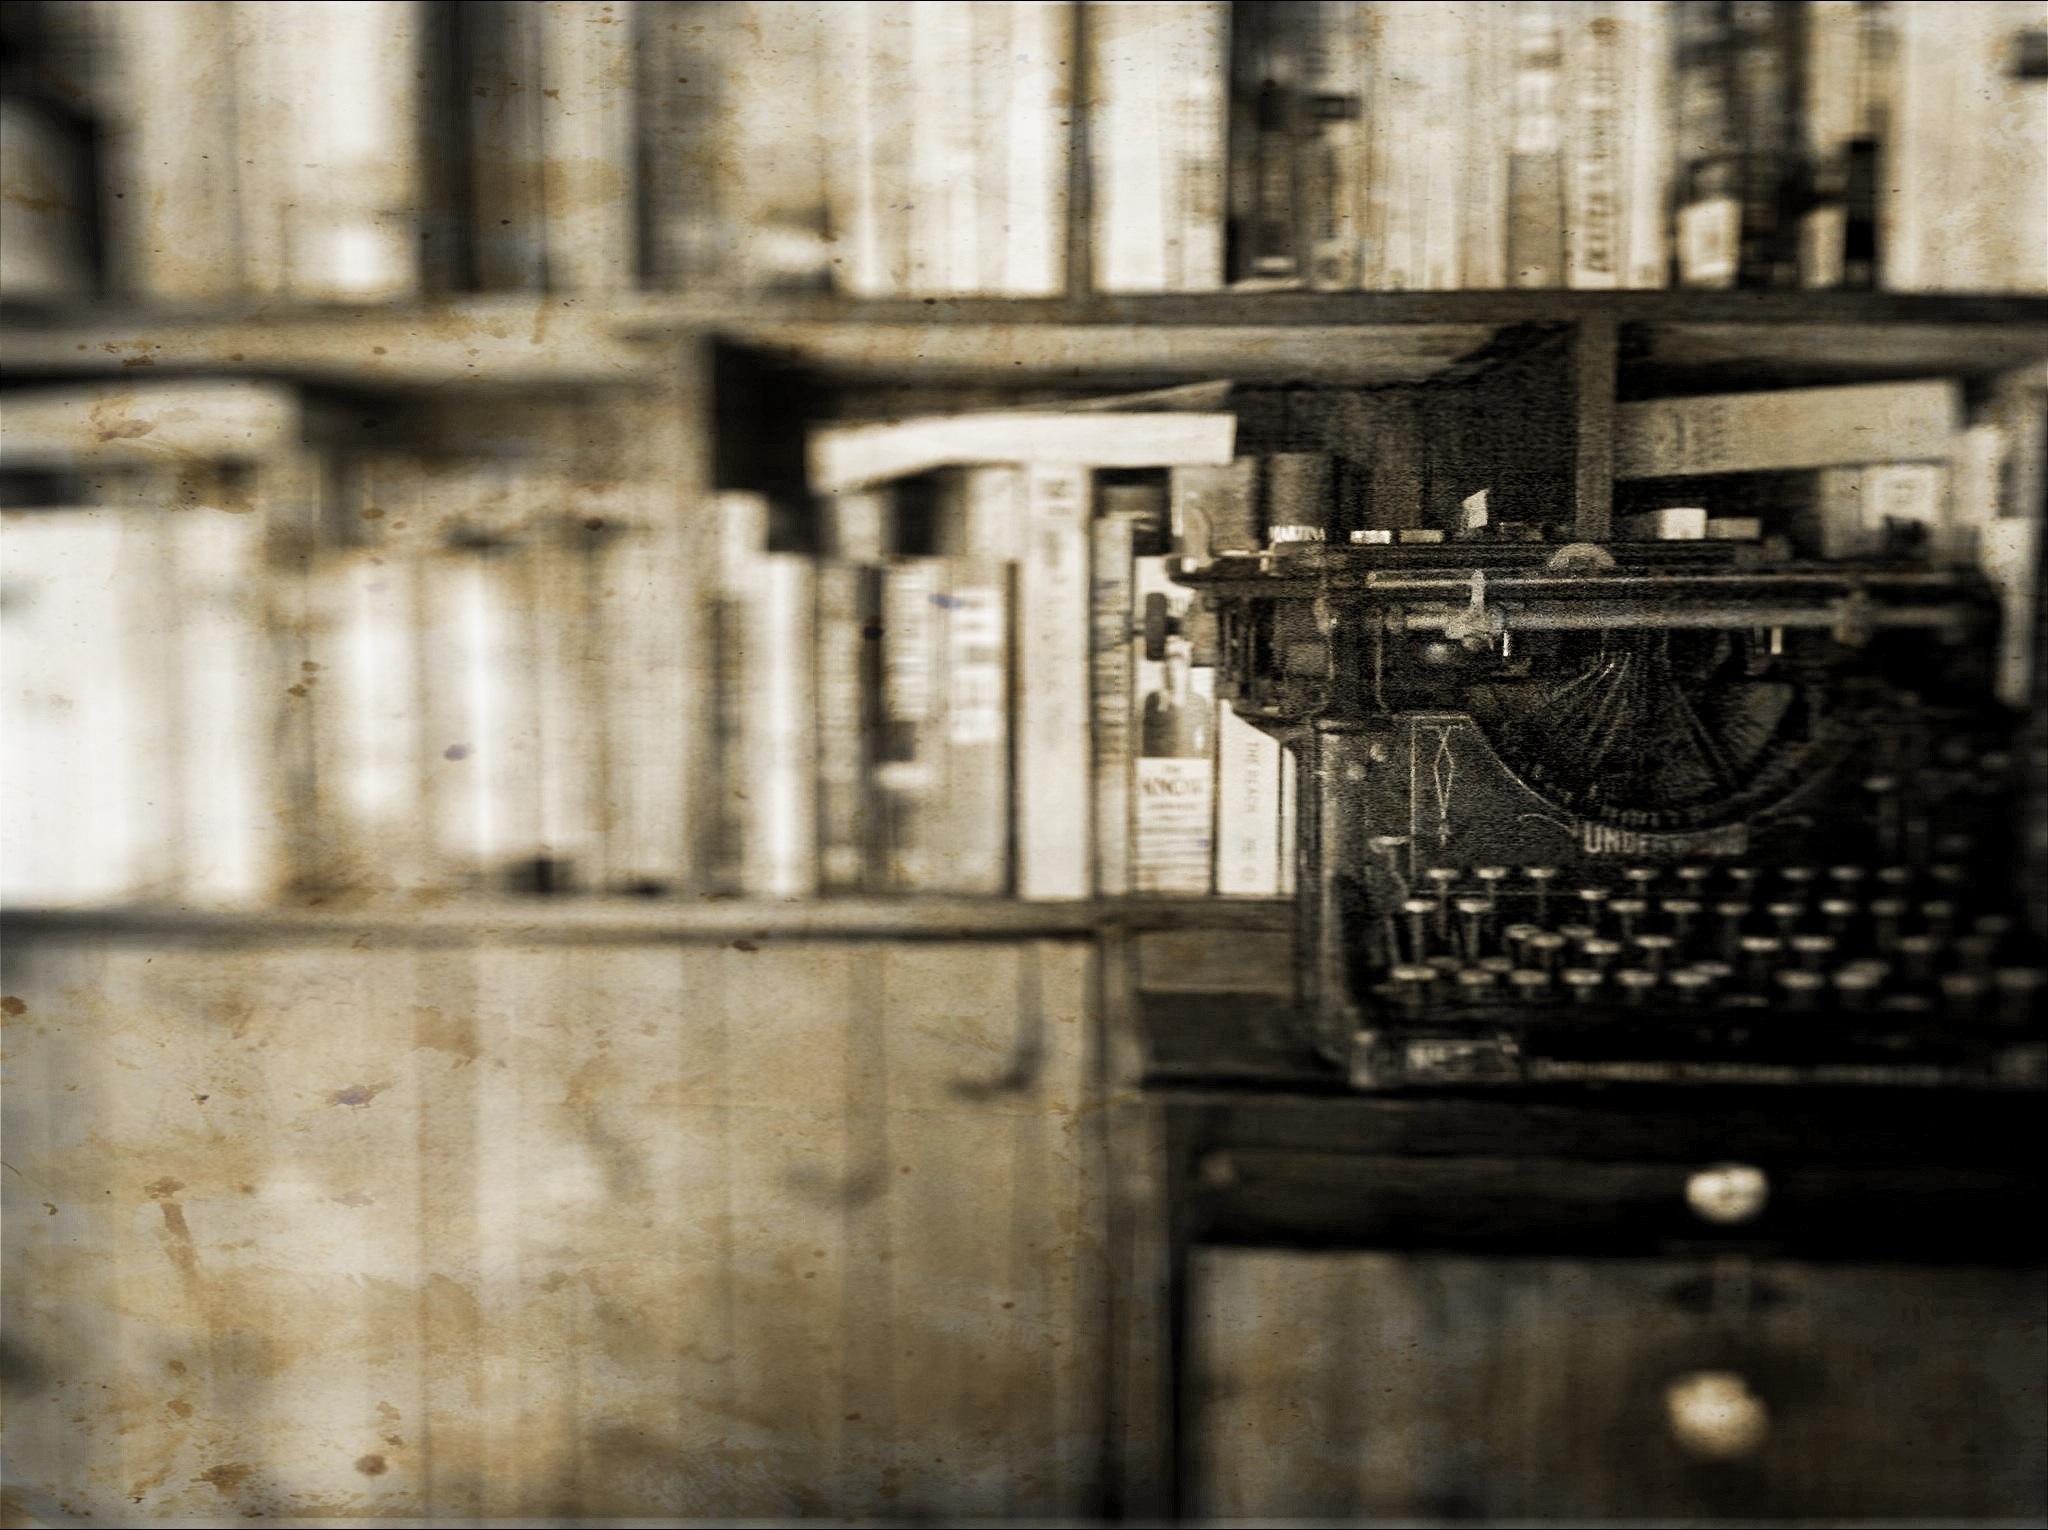 Perché ho bisogno di una casa editrice